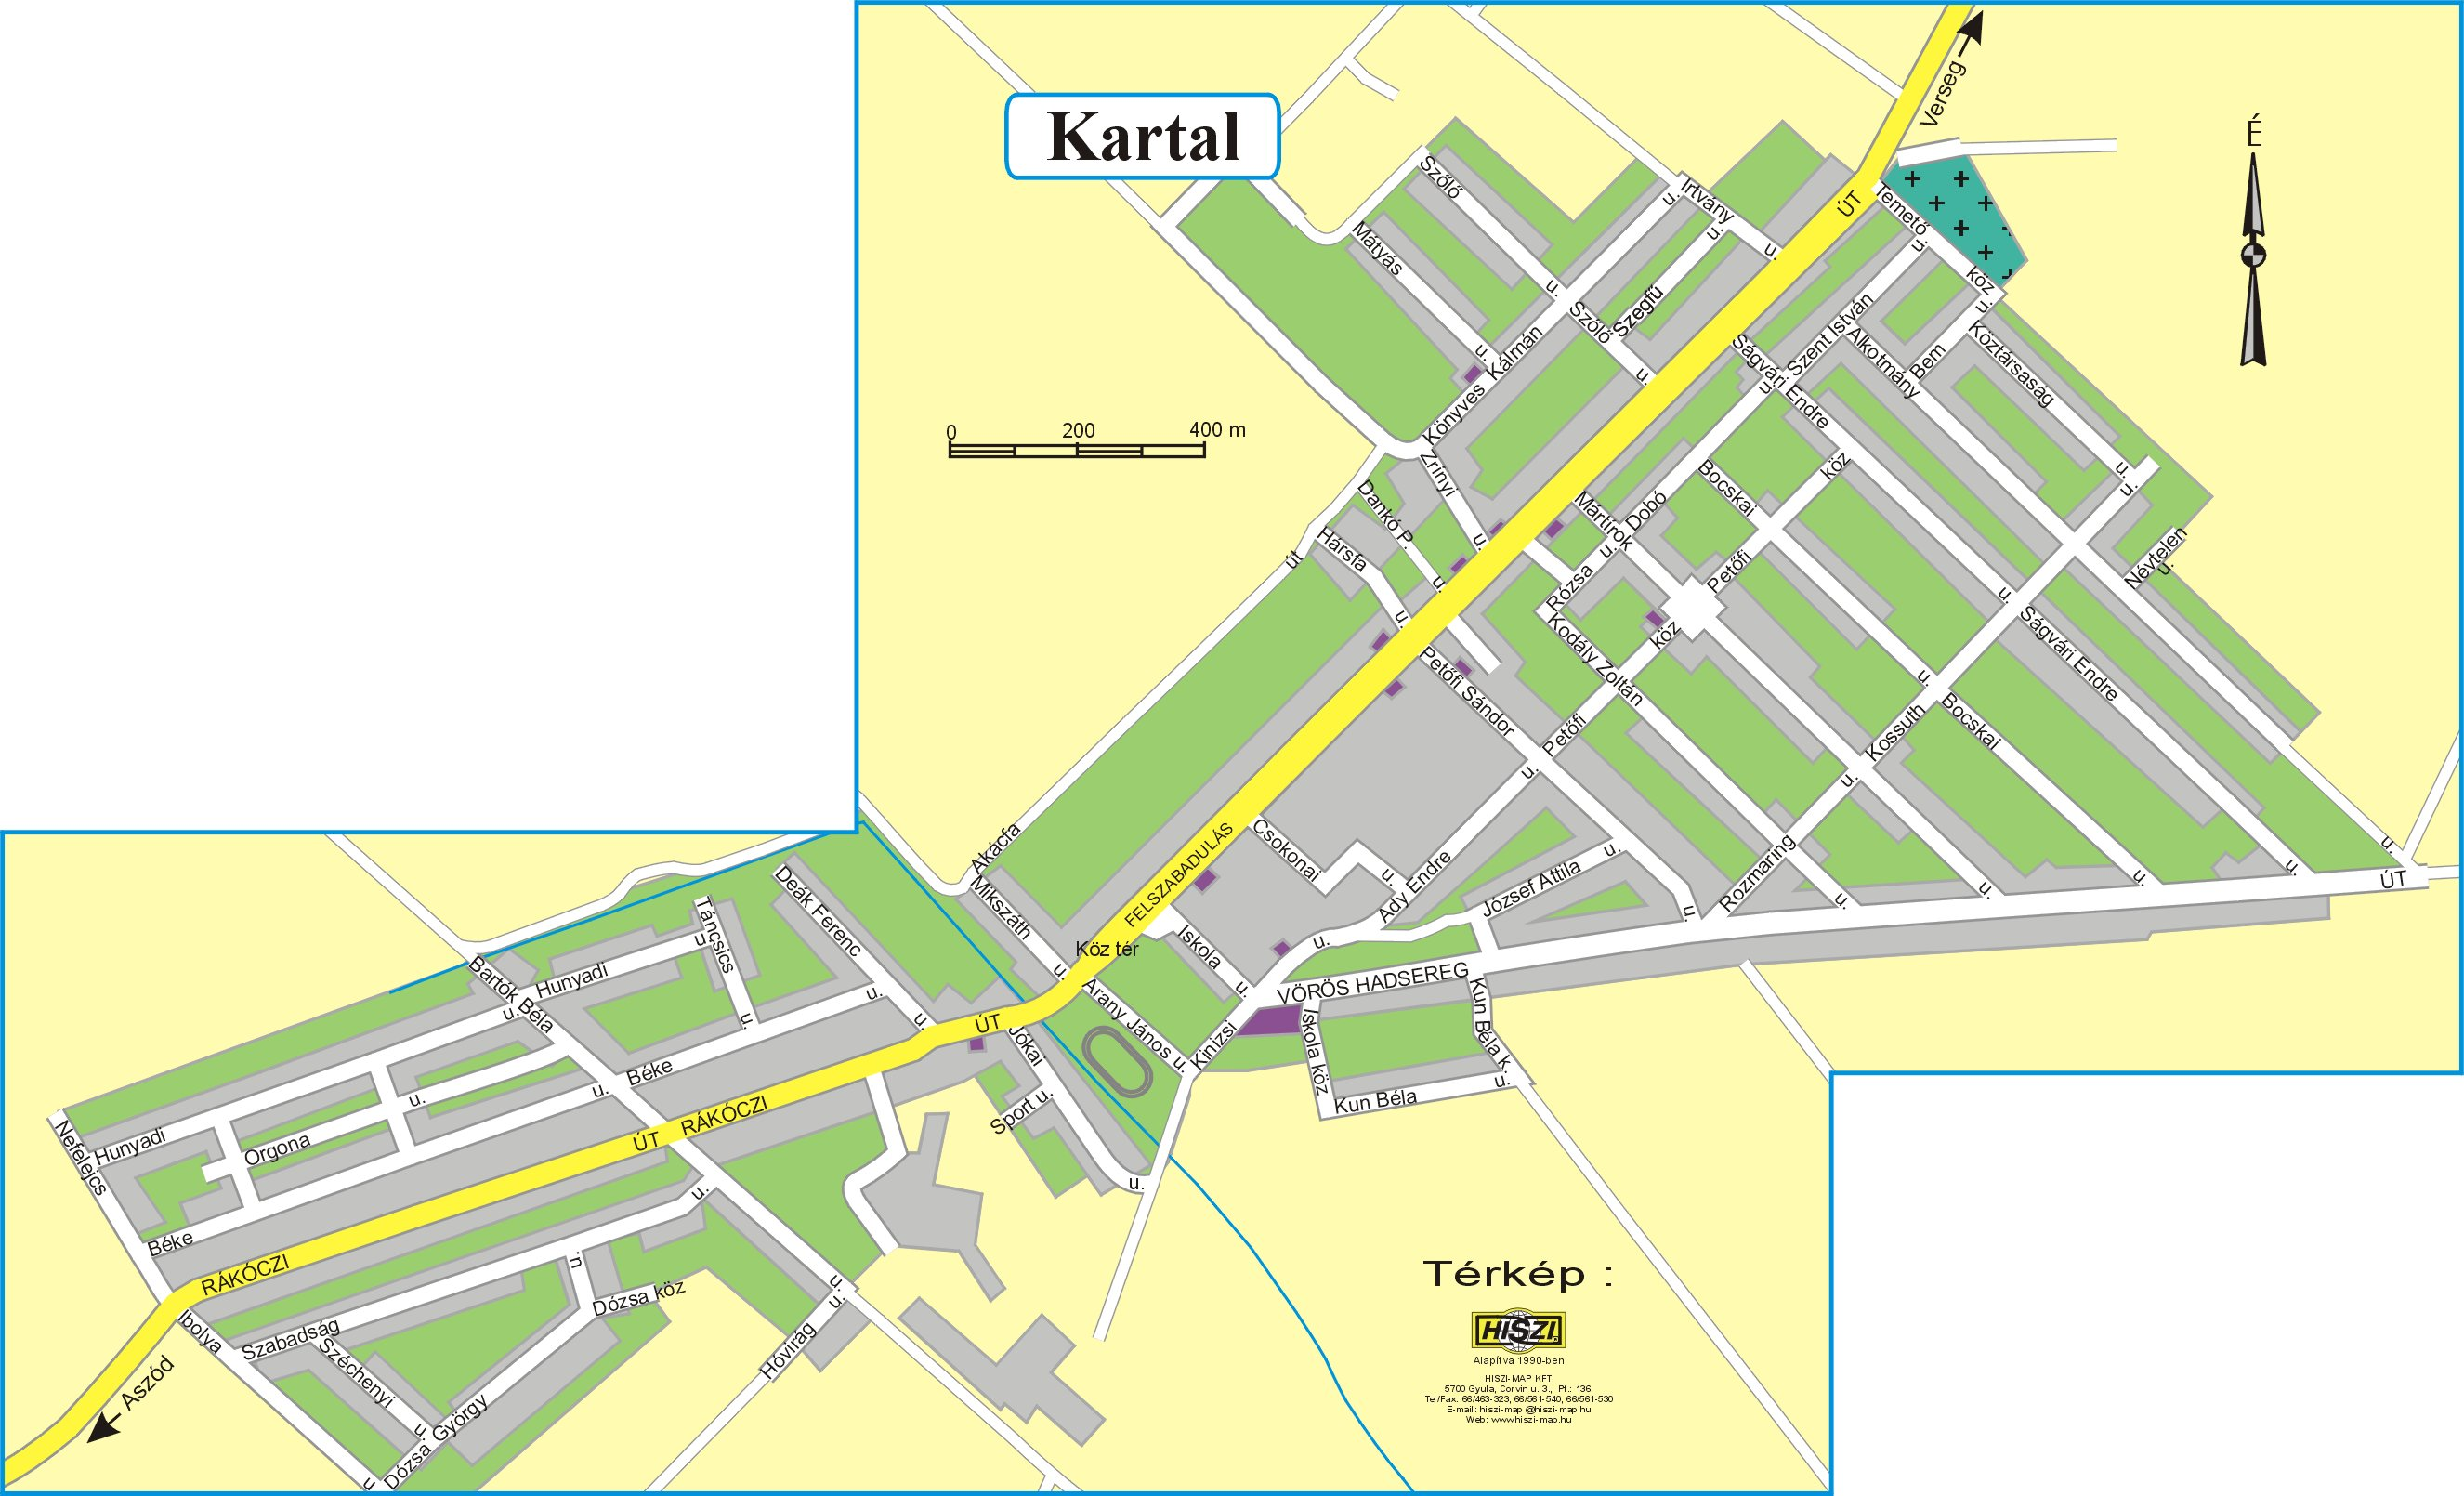 kartal térkép GKRTE GÖDÖLLŐ   Gödöllő és Környéke Regionális Turisztikai Egyesület kartal térkép